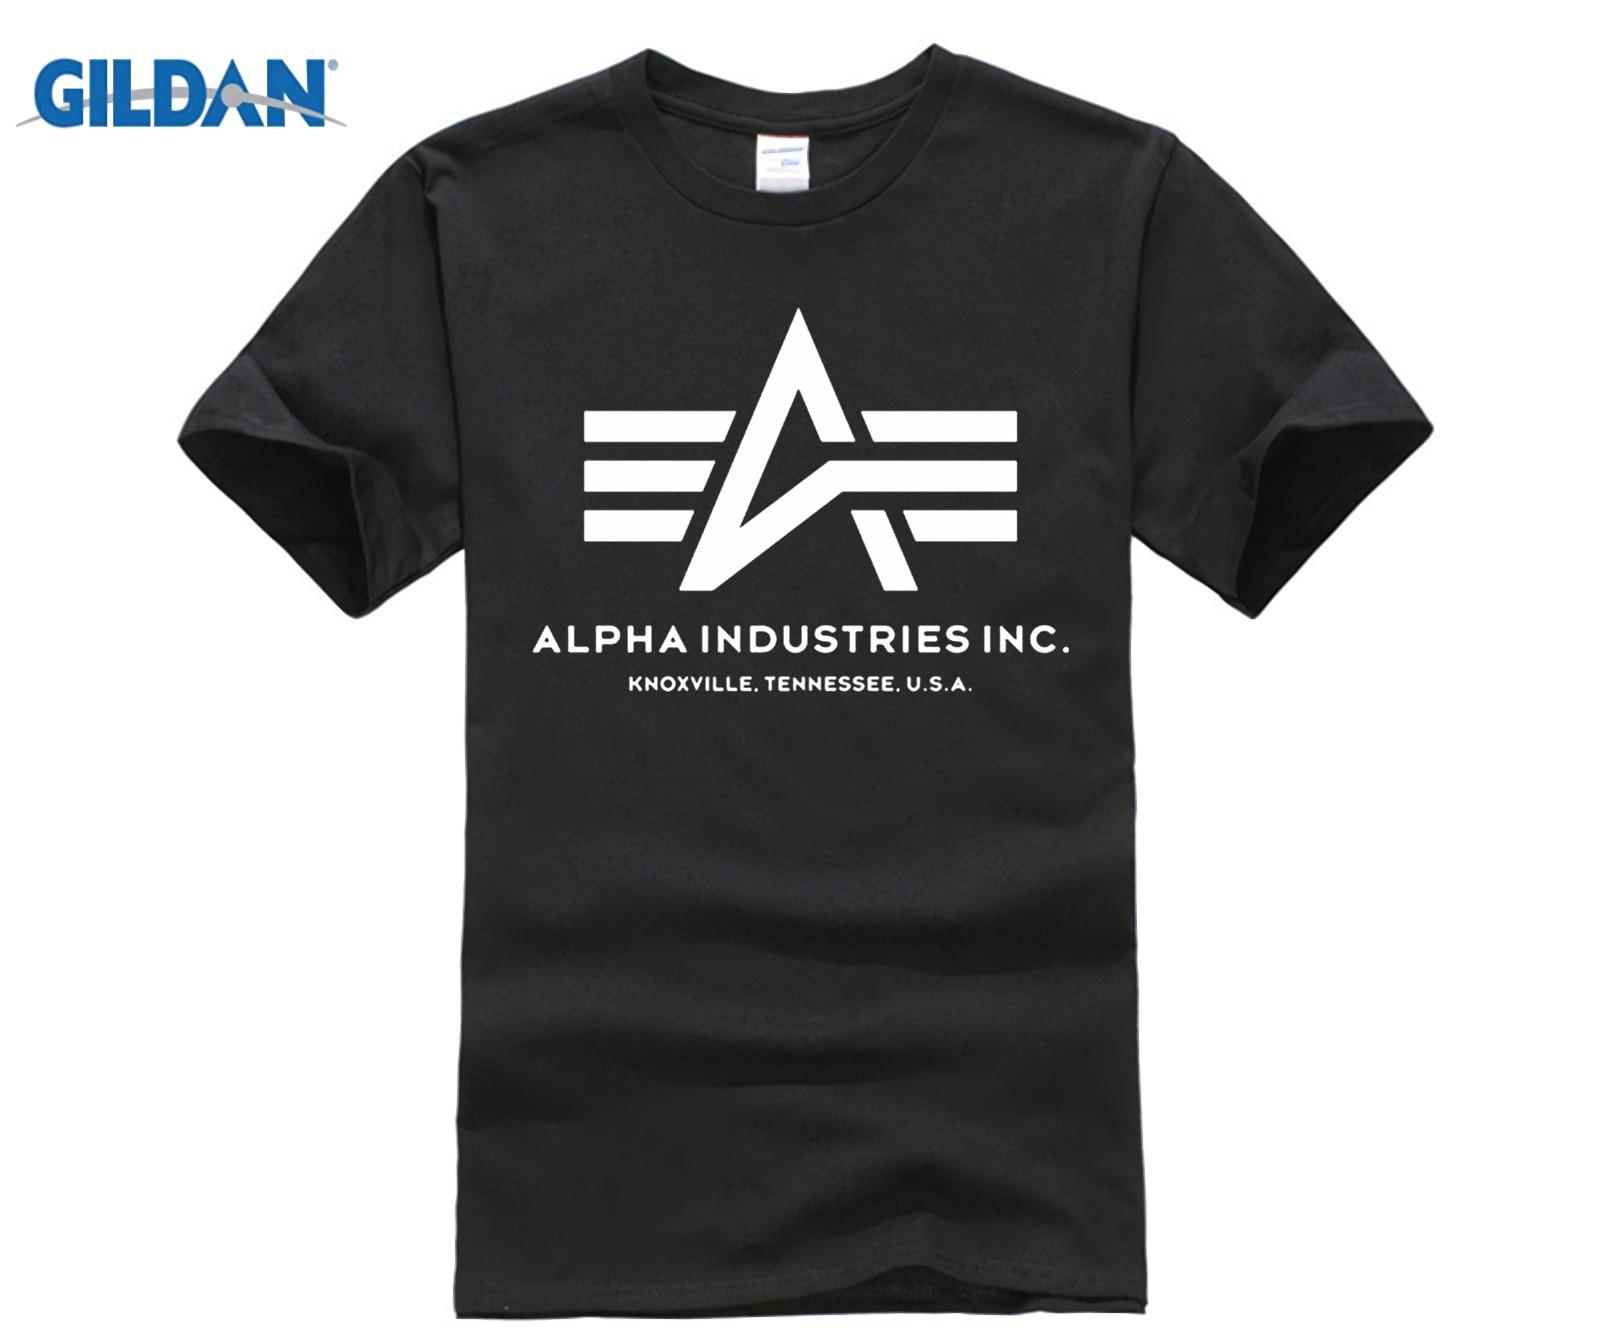 ad4f9af8e T camisa verano Camisetas de moda de Alpha Industries manga corta Camiseta  Tops Tee Camiseta ...